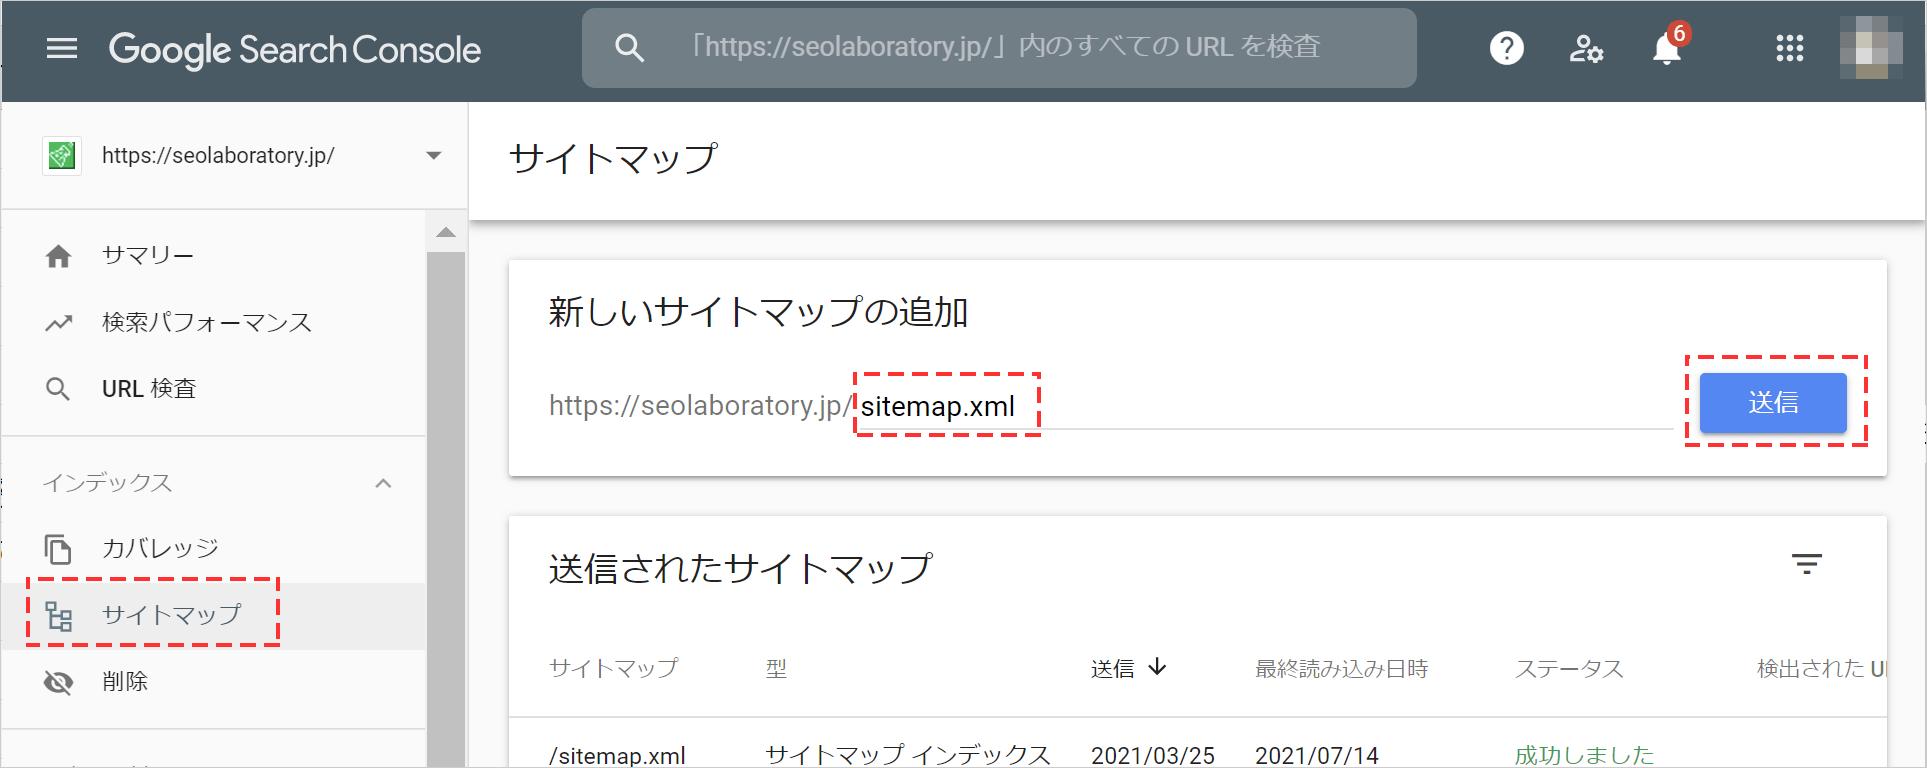 サイトマップを送信してして、Googleにサイト登録を促す